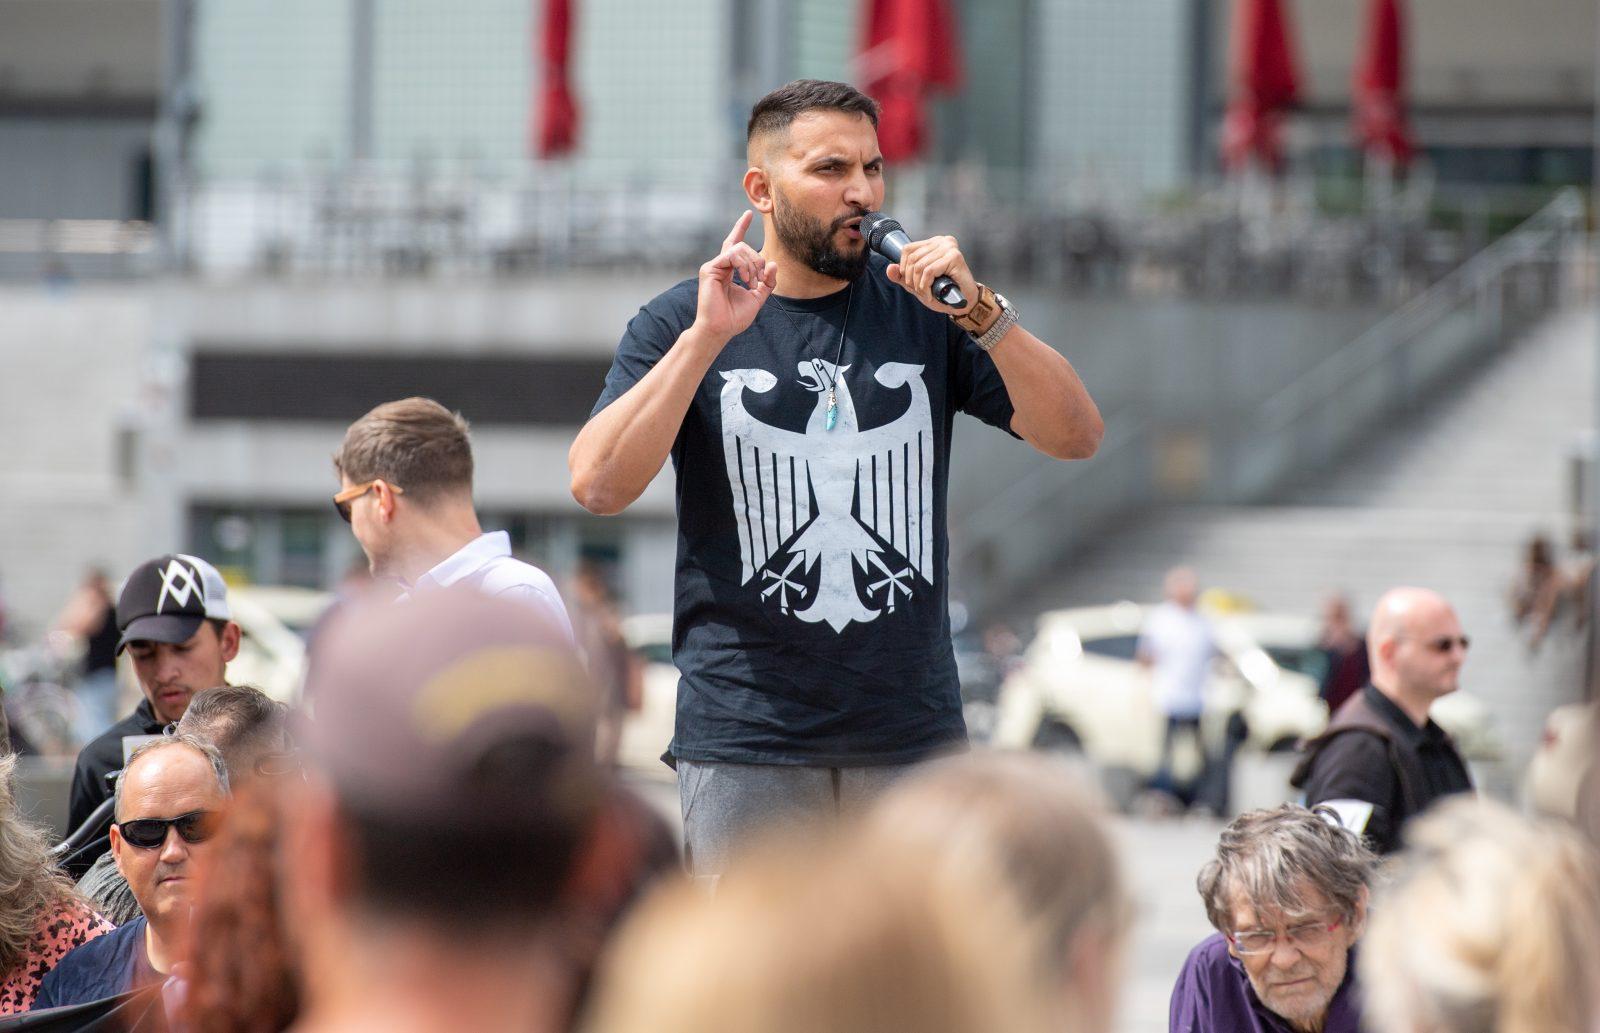 Der Vegan-Koch Attila Hildmann spricht während einer Kundgebung gegen die Corona-Maßnahmen in Berlin Foto: picture alliance/Christophe Gateau/dpa